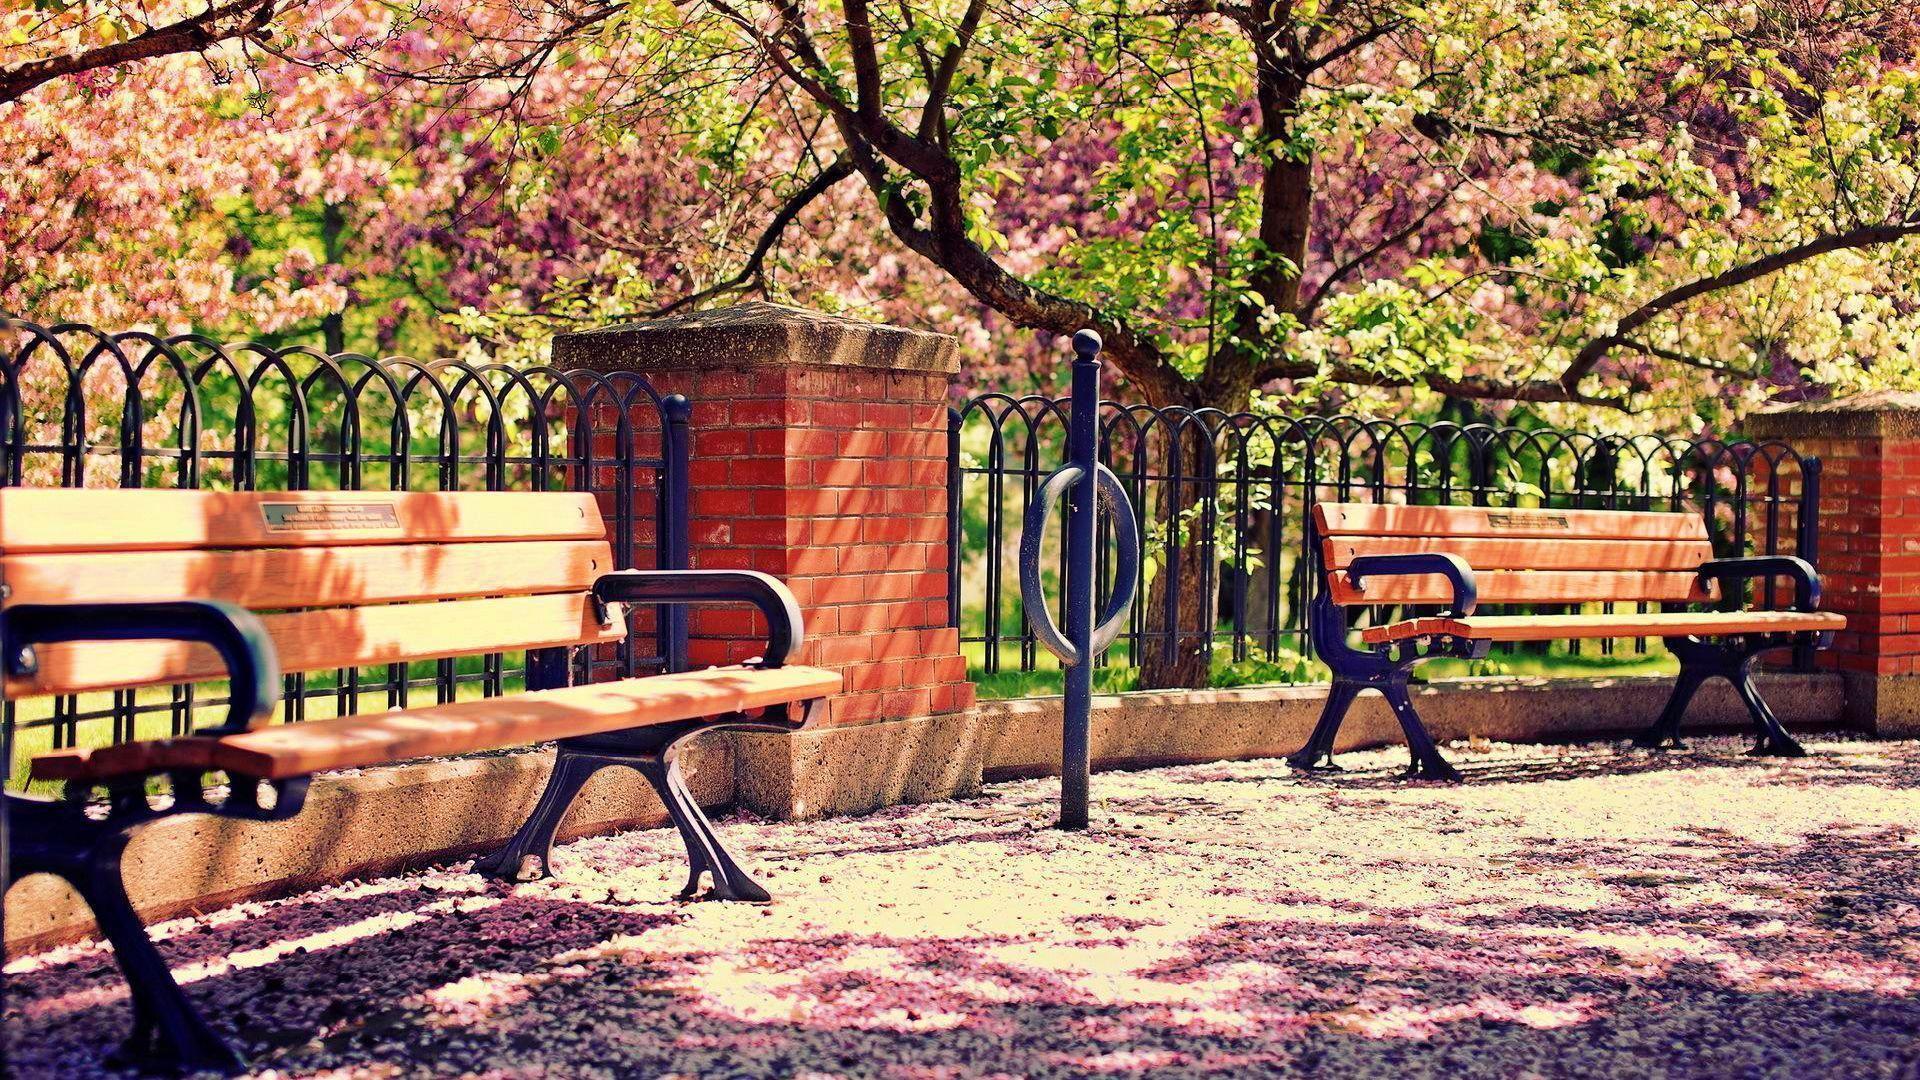 best nature1920x1080 iimgurcom - photo #43